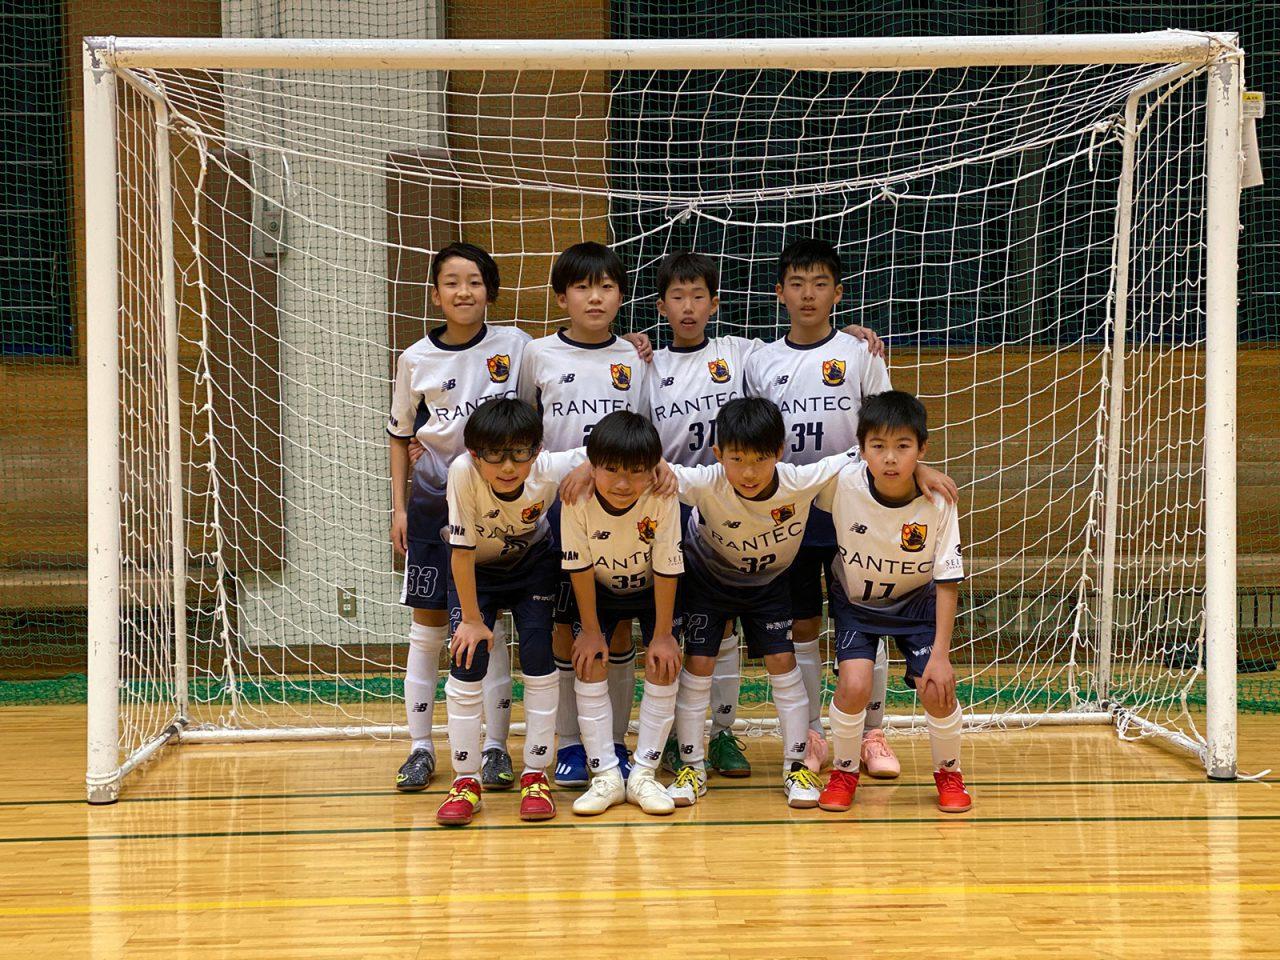 カルペソール湘南スポーツクラブ_フットサル